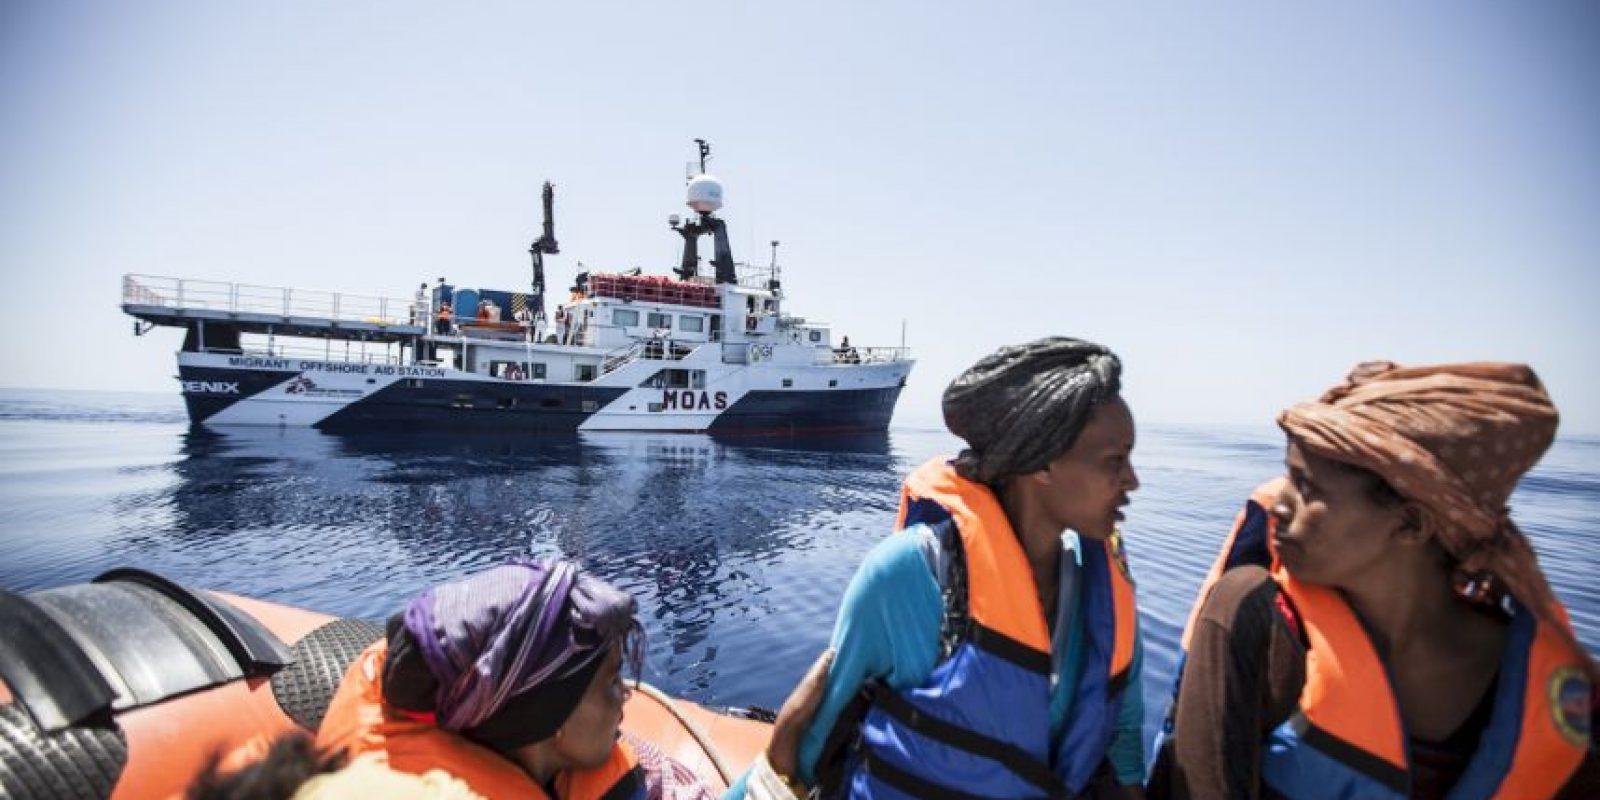 Europa no reserva muchas más alternativas a los que escapan de África huyendo de la guerra y la miseria. Foto:AFP